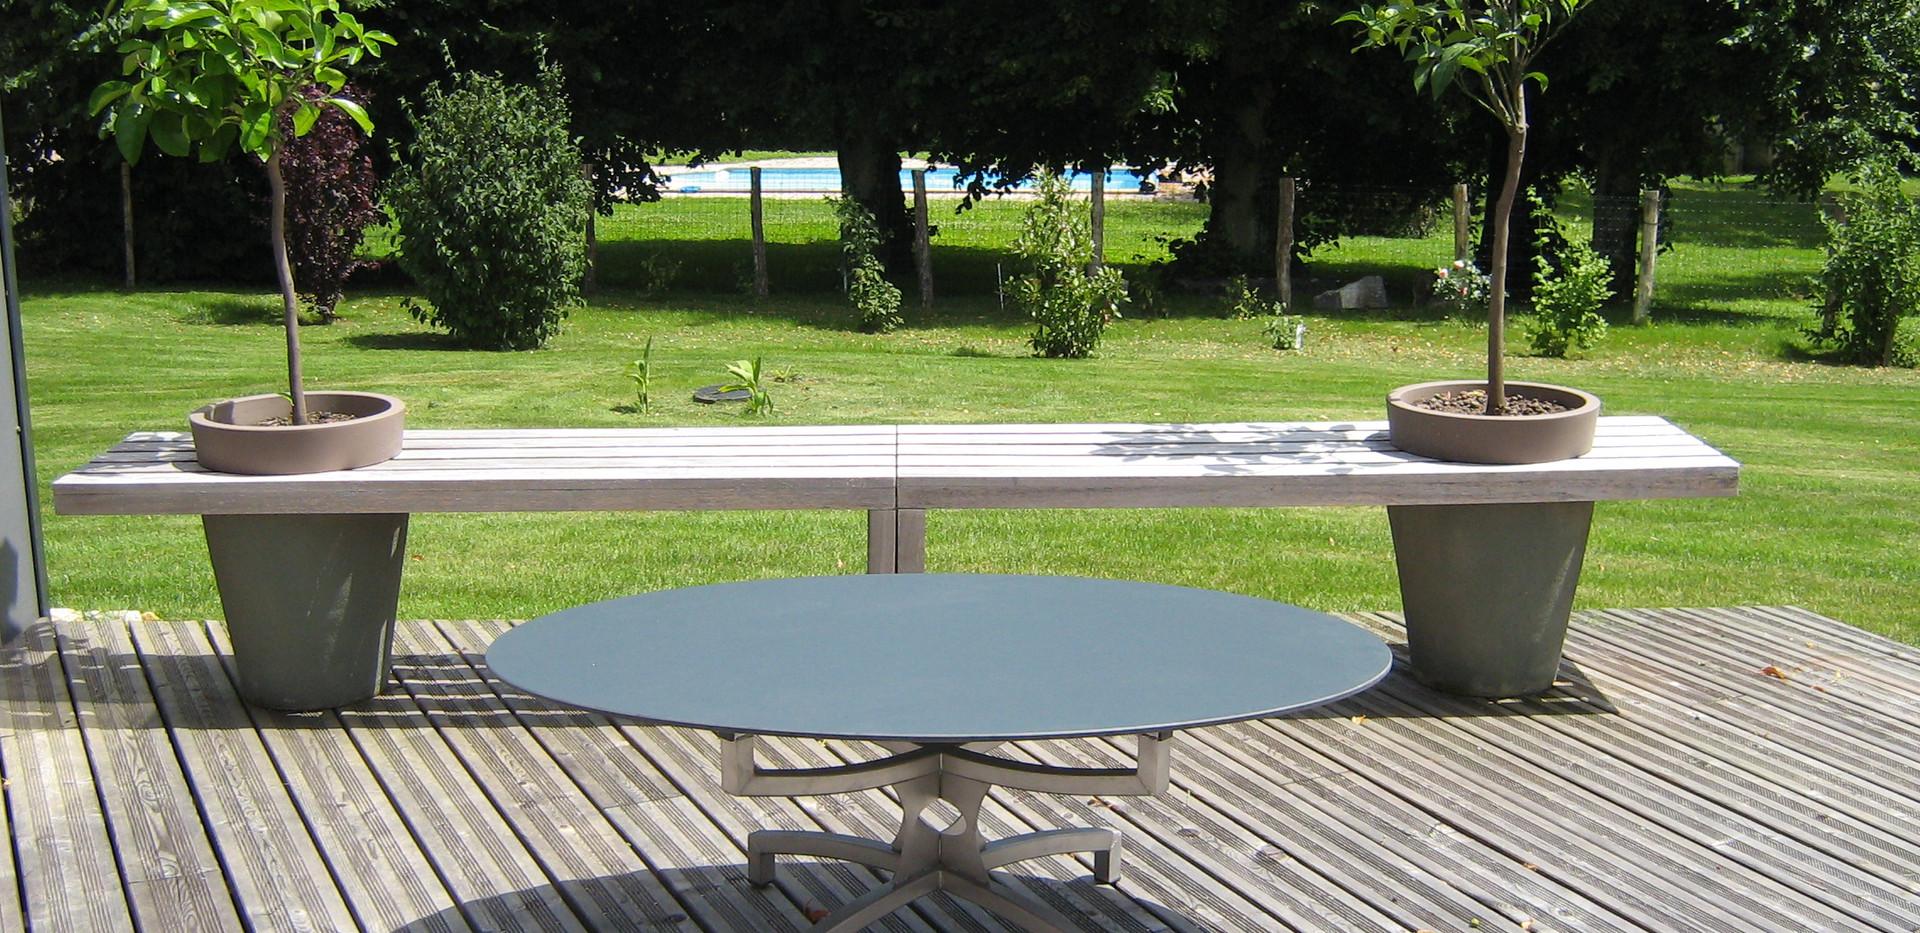 Table basse ovale pietement cintré/croisé